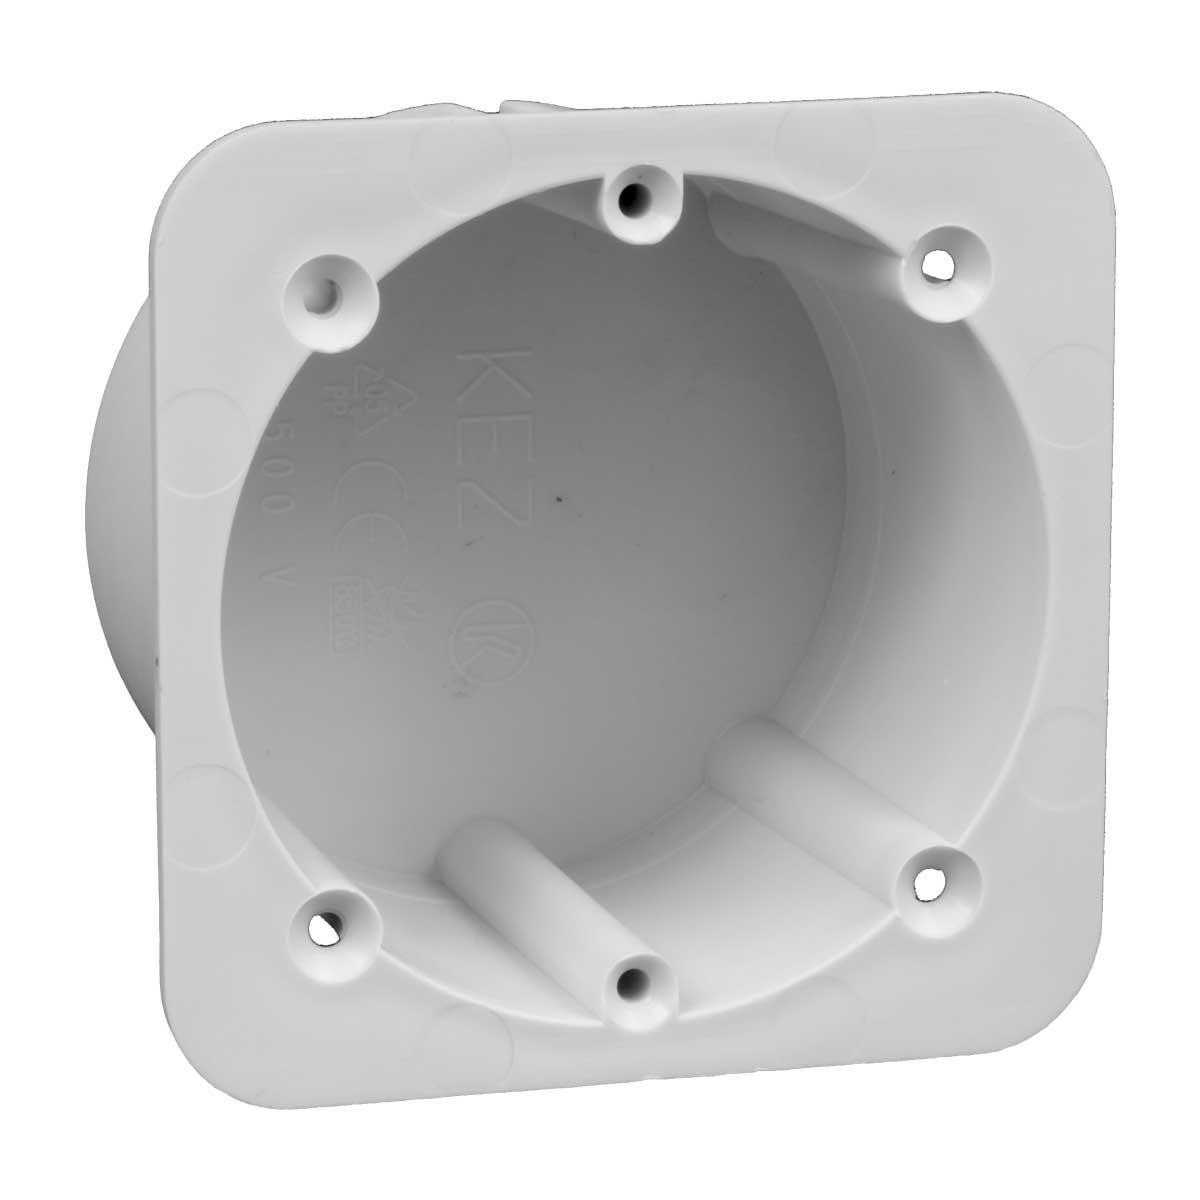 Запасна частина коробки KEZ  (використовується при термоізоляції будівель) матеріал -ПП; розміри 76х60х74мм